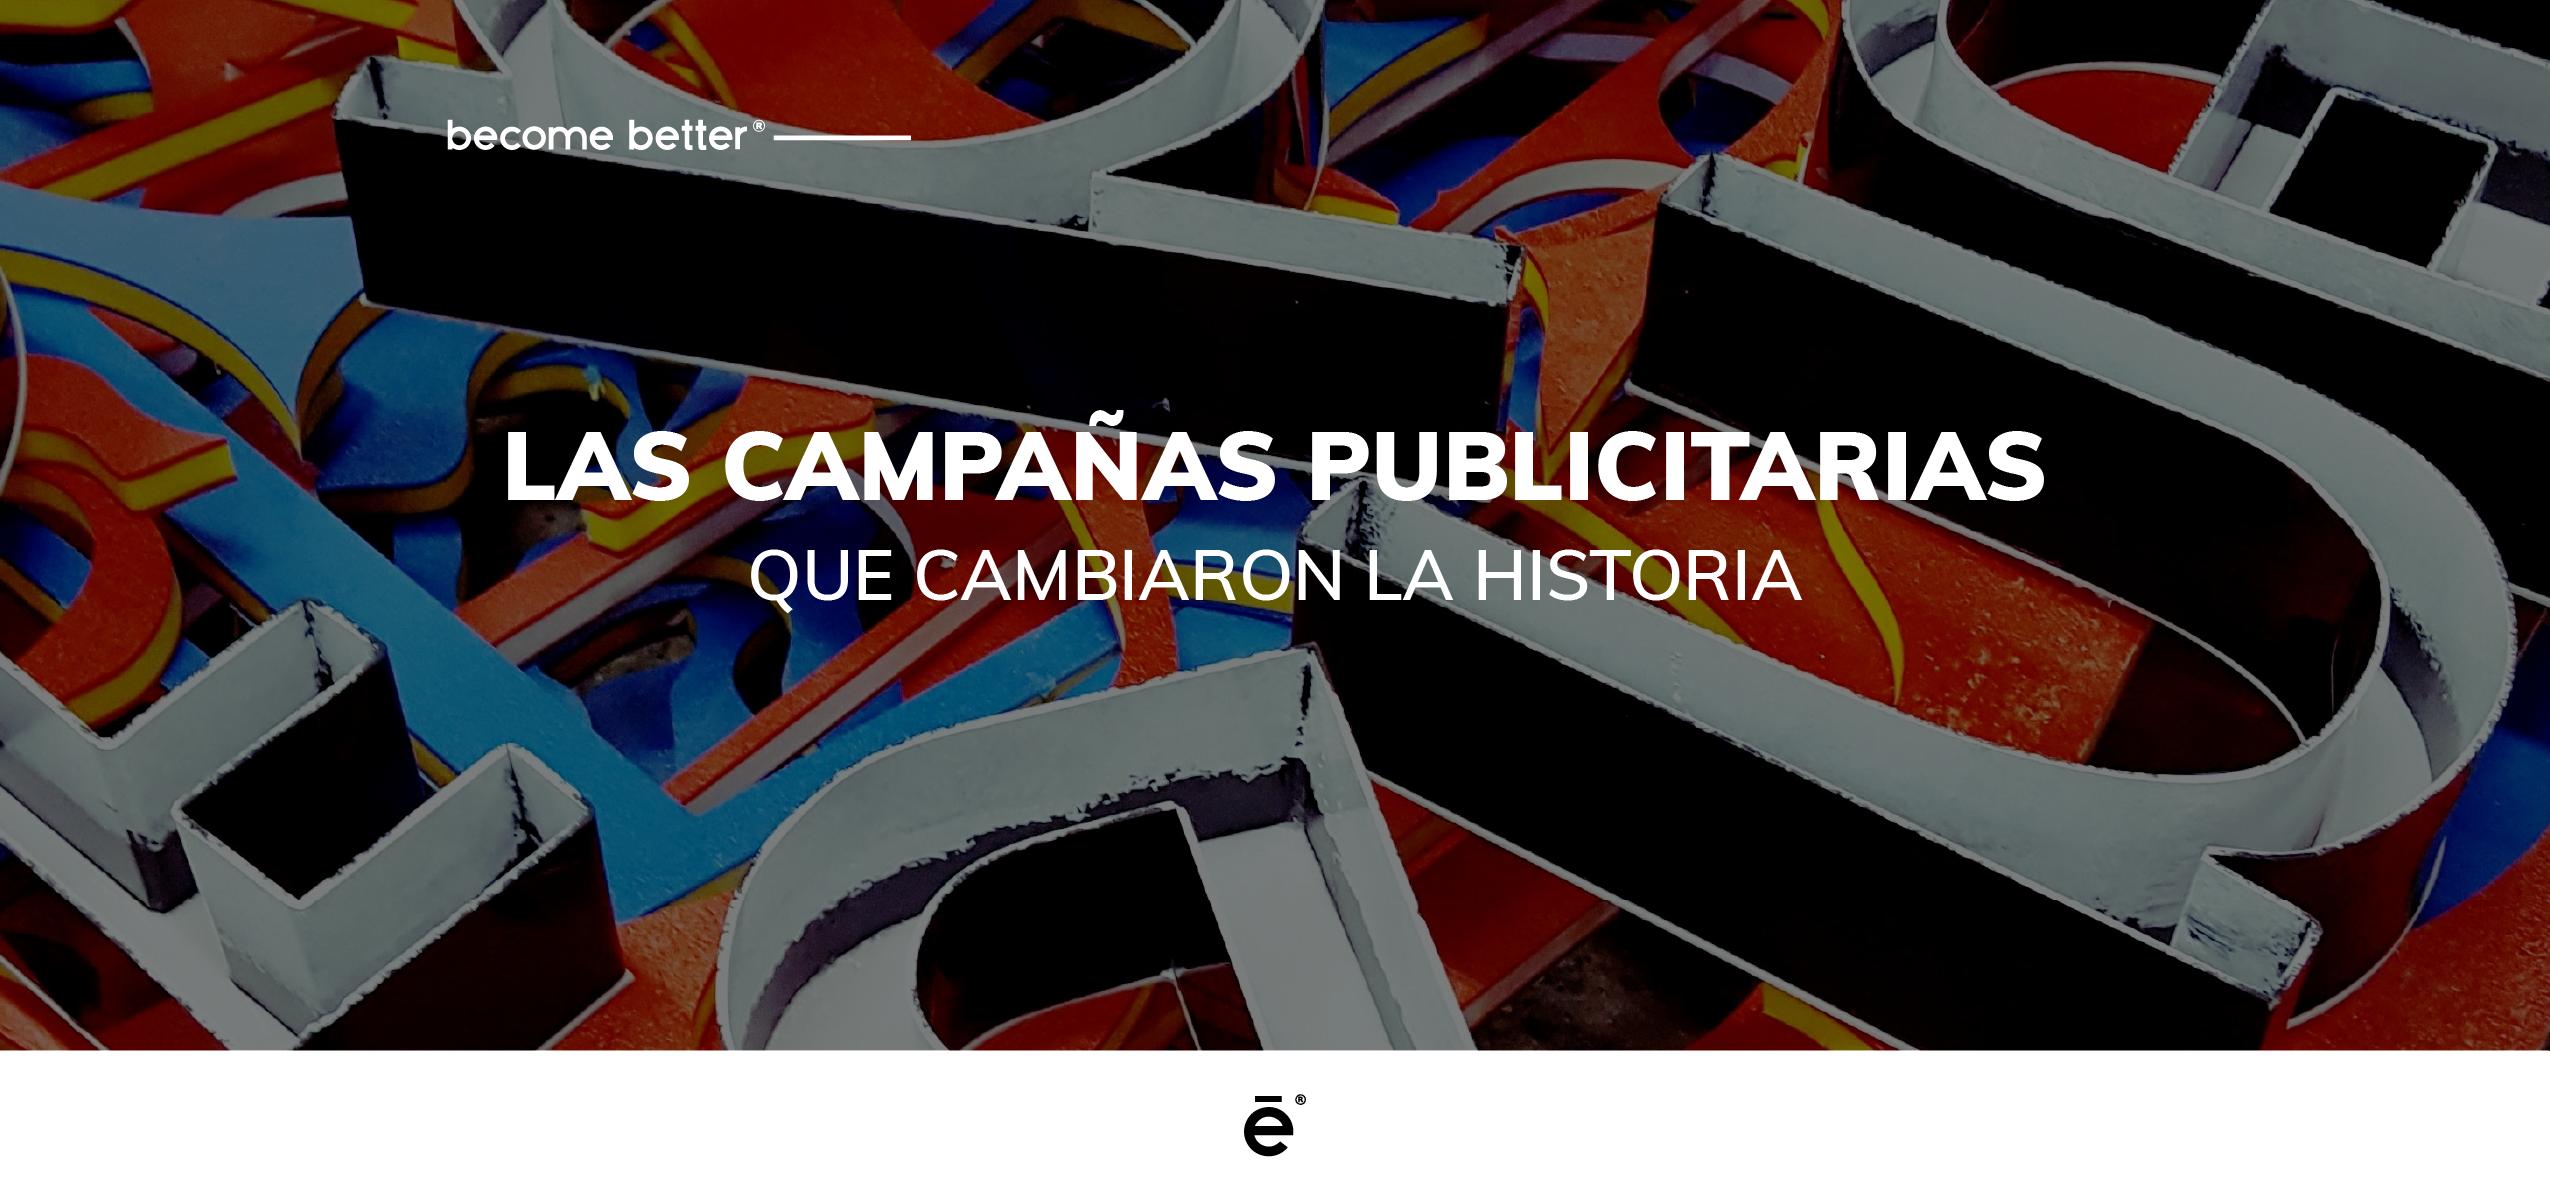 Campañas publicitarias de la historia